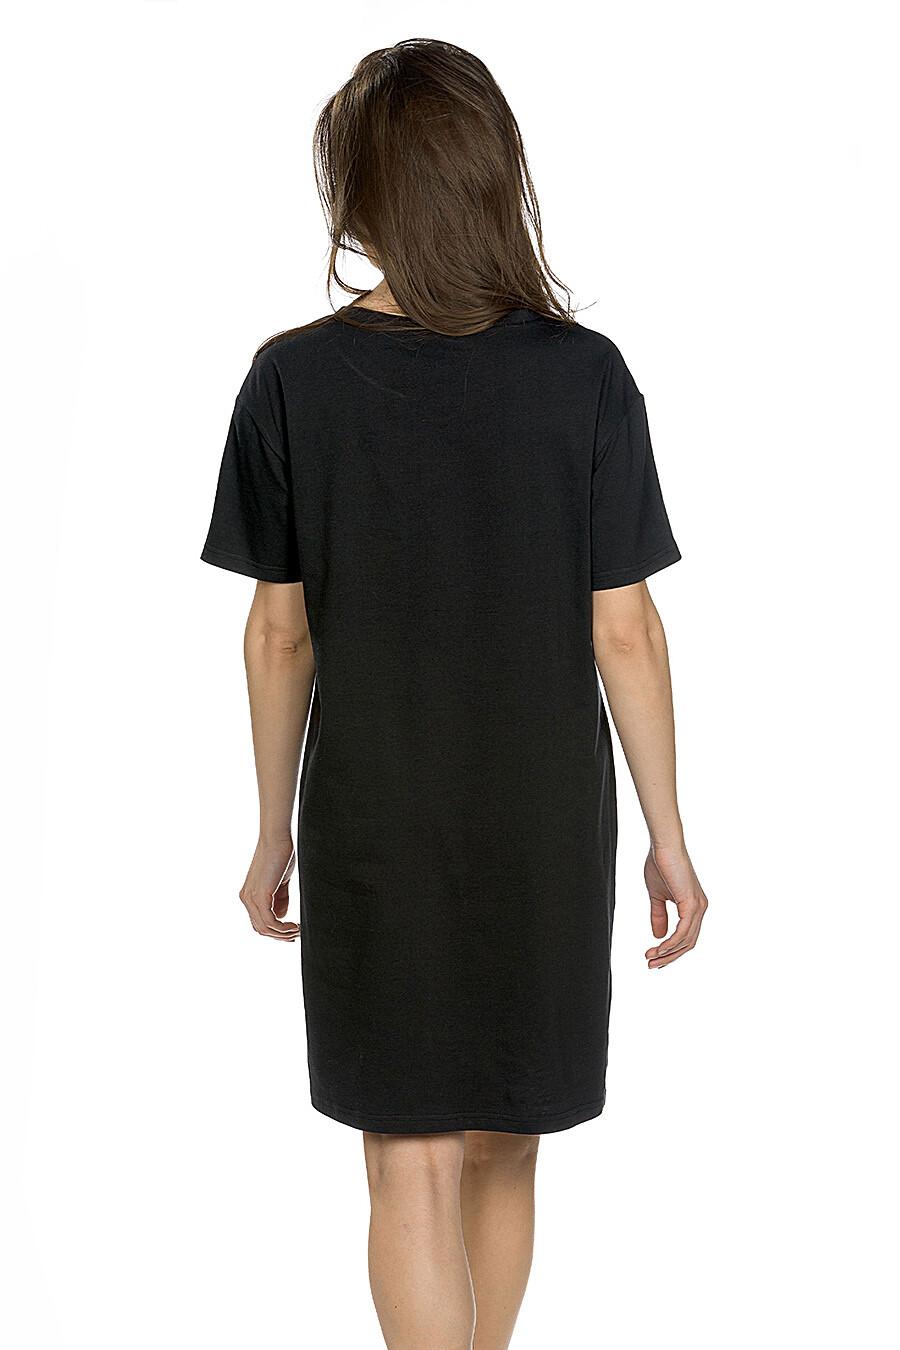 Платье для женщин PELICAN 146760 купить оптом от производителя. Совместная покупка женской одежды в OptMoyo